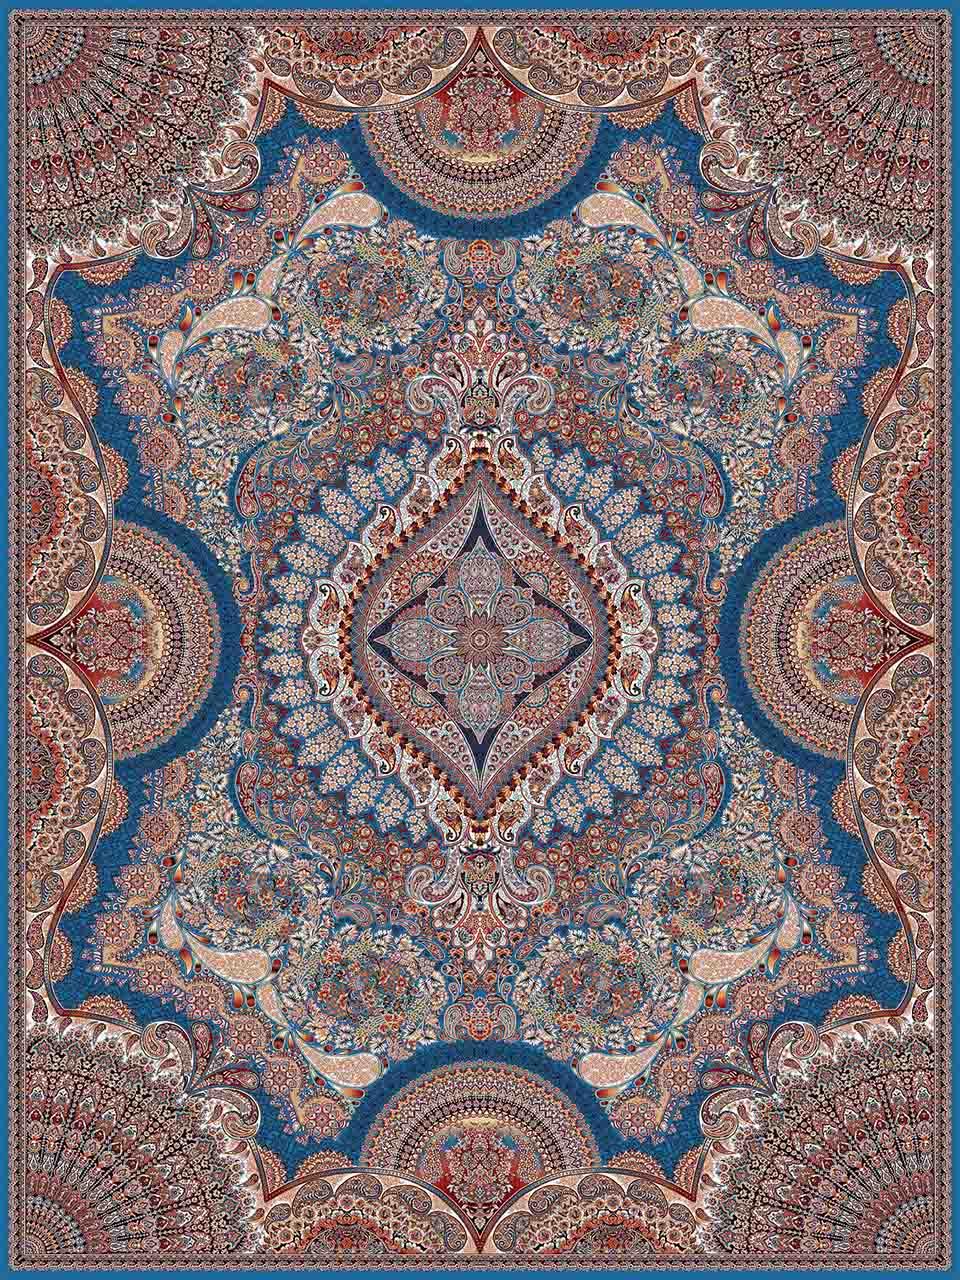 فرش (25009) اکریلیک - 8 رنگ - 700 شانه - آبي - تراکم 2550